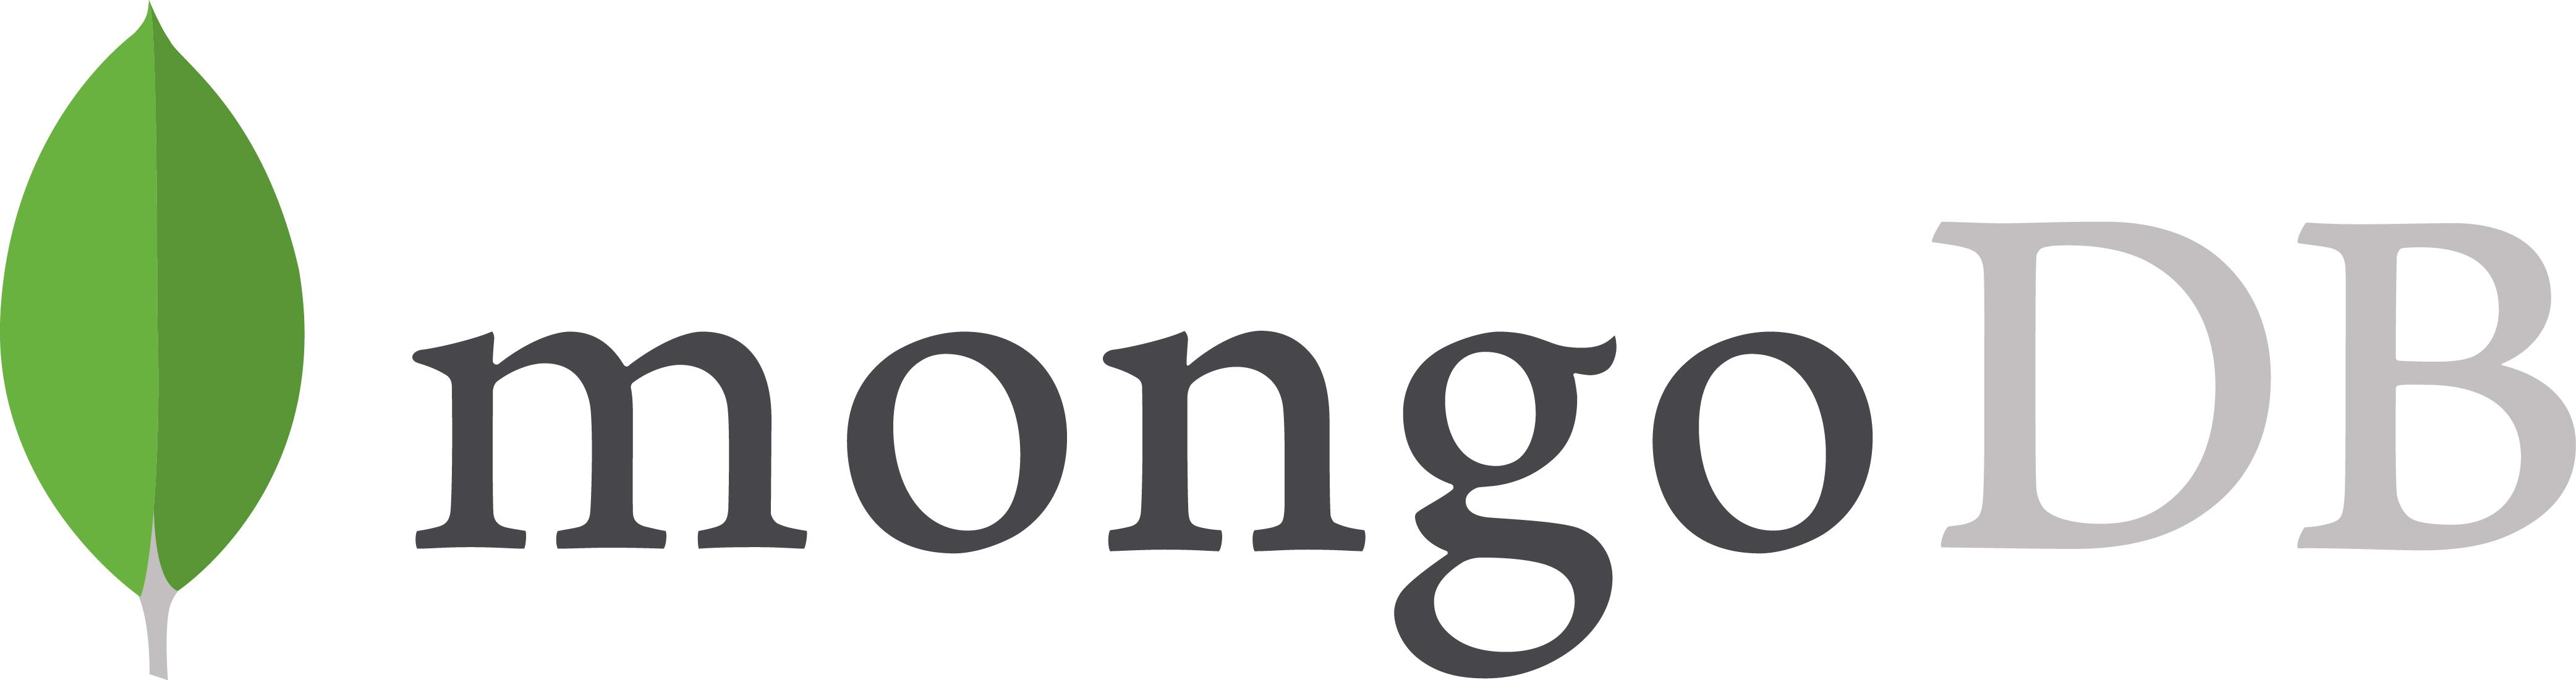 Standard Logo - Logo Mongodb PNG